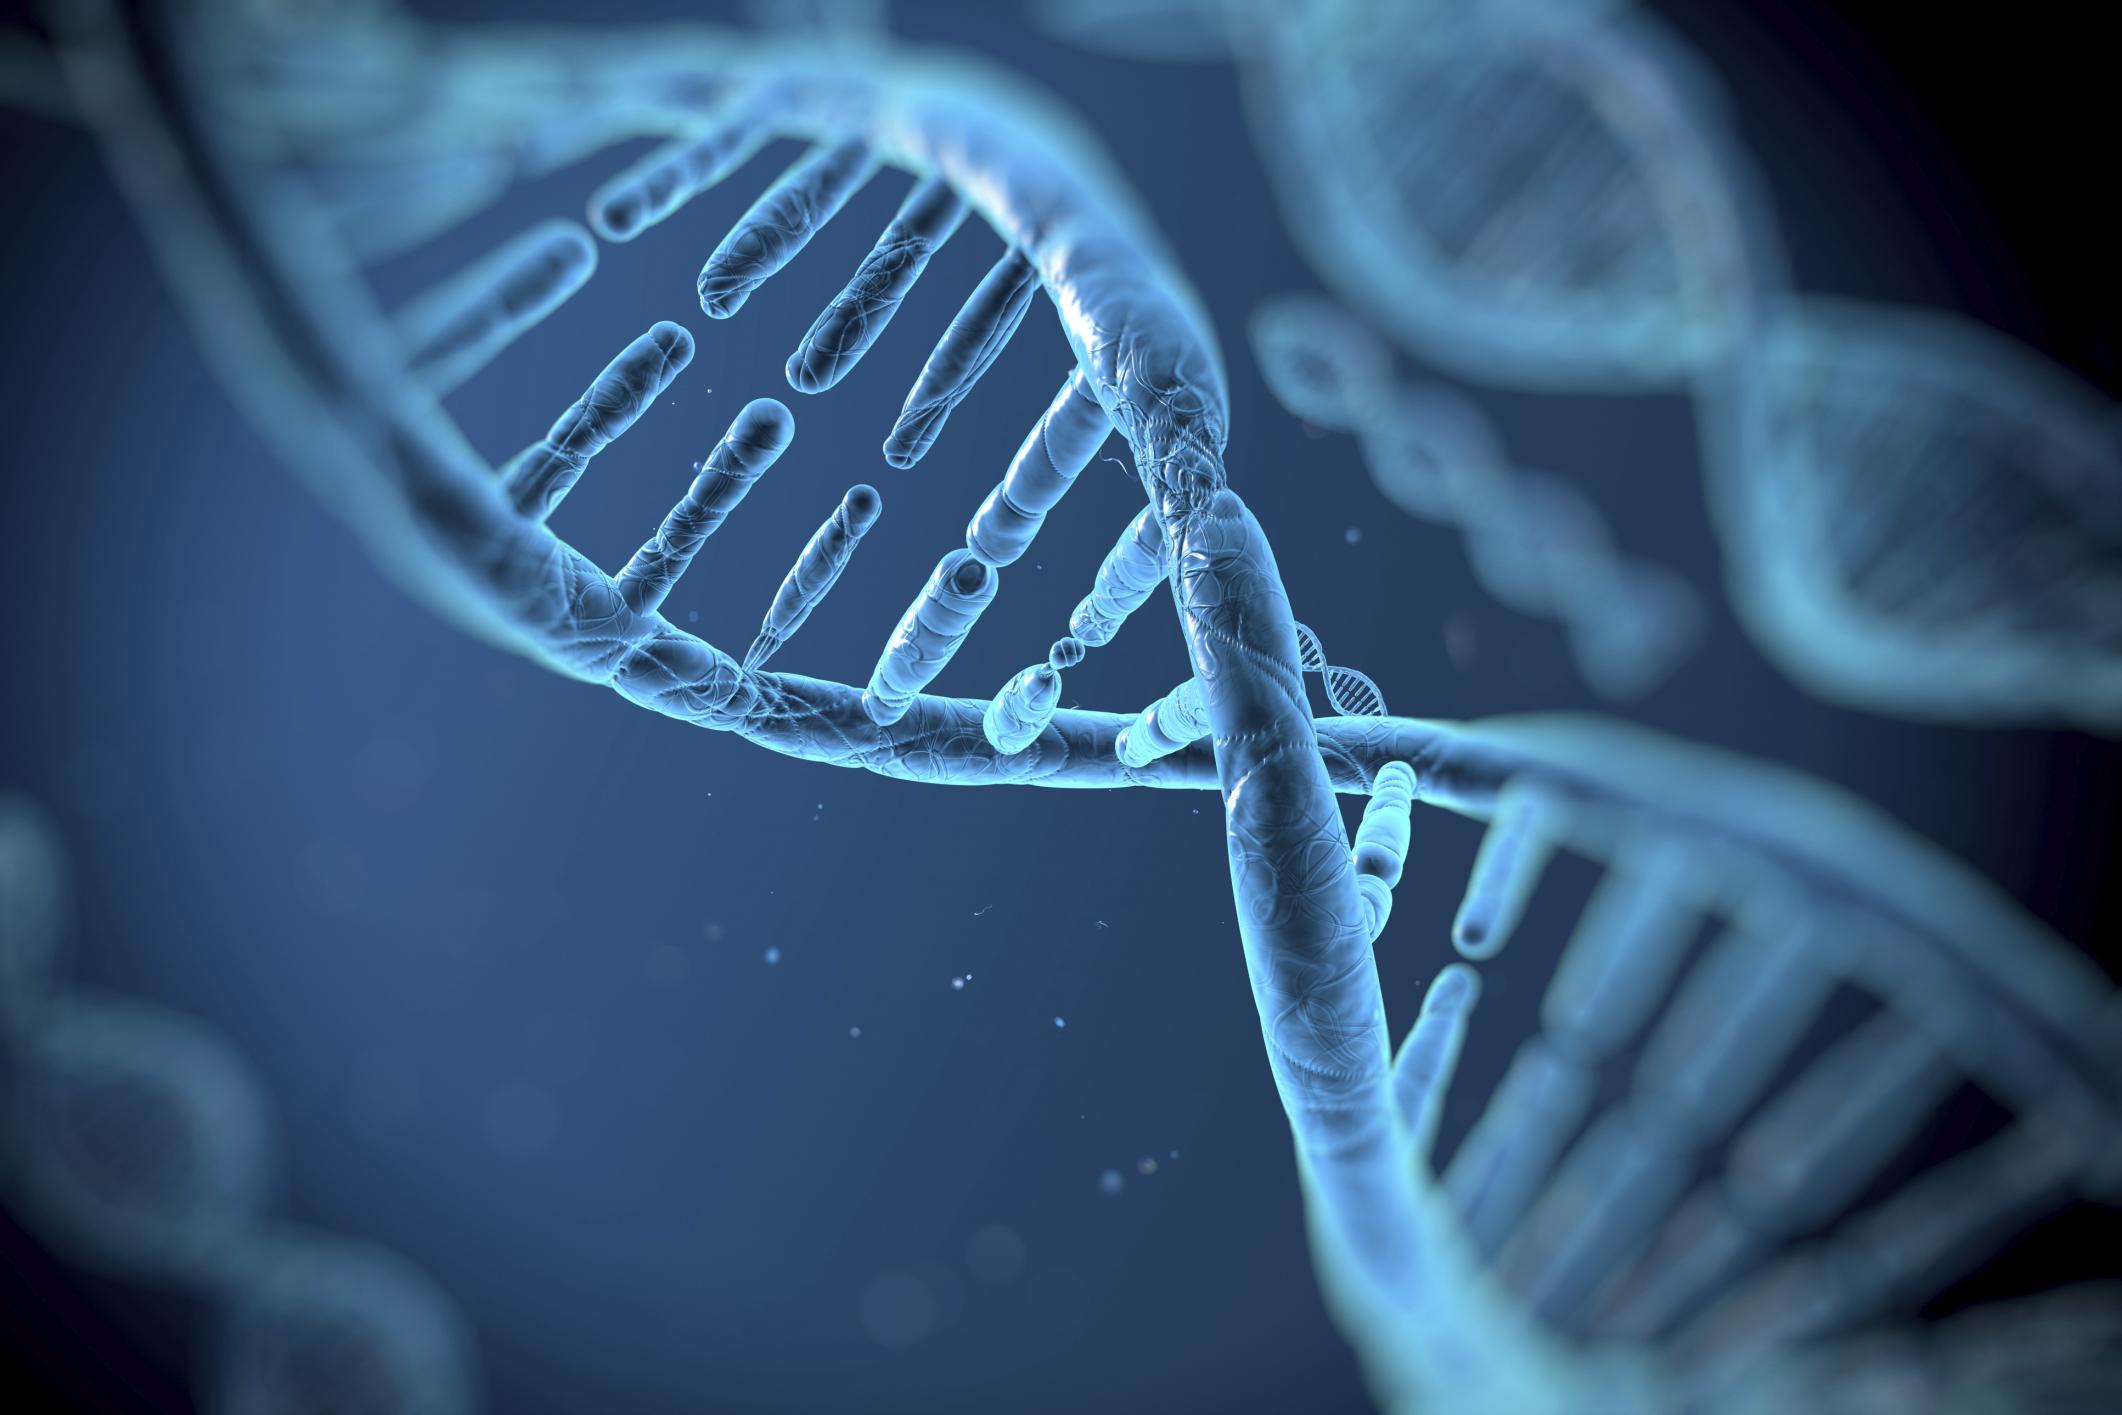 Γονίδιο προστατεύει την καρδιά των κατοίκων του Μυλοποτάμου Κρήτης